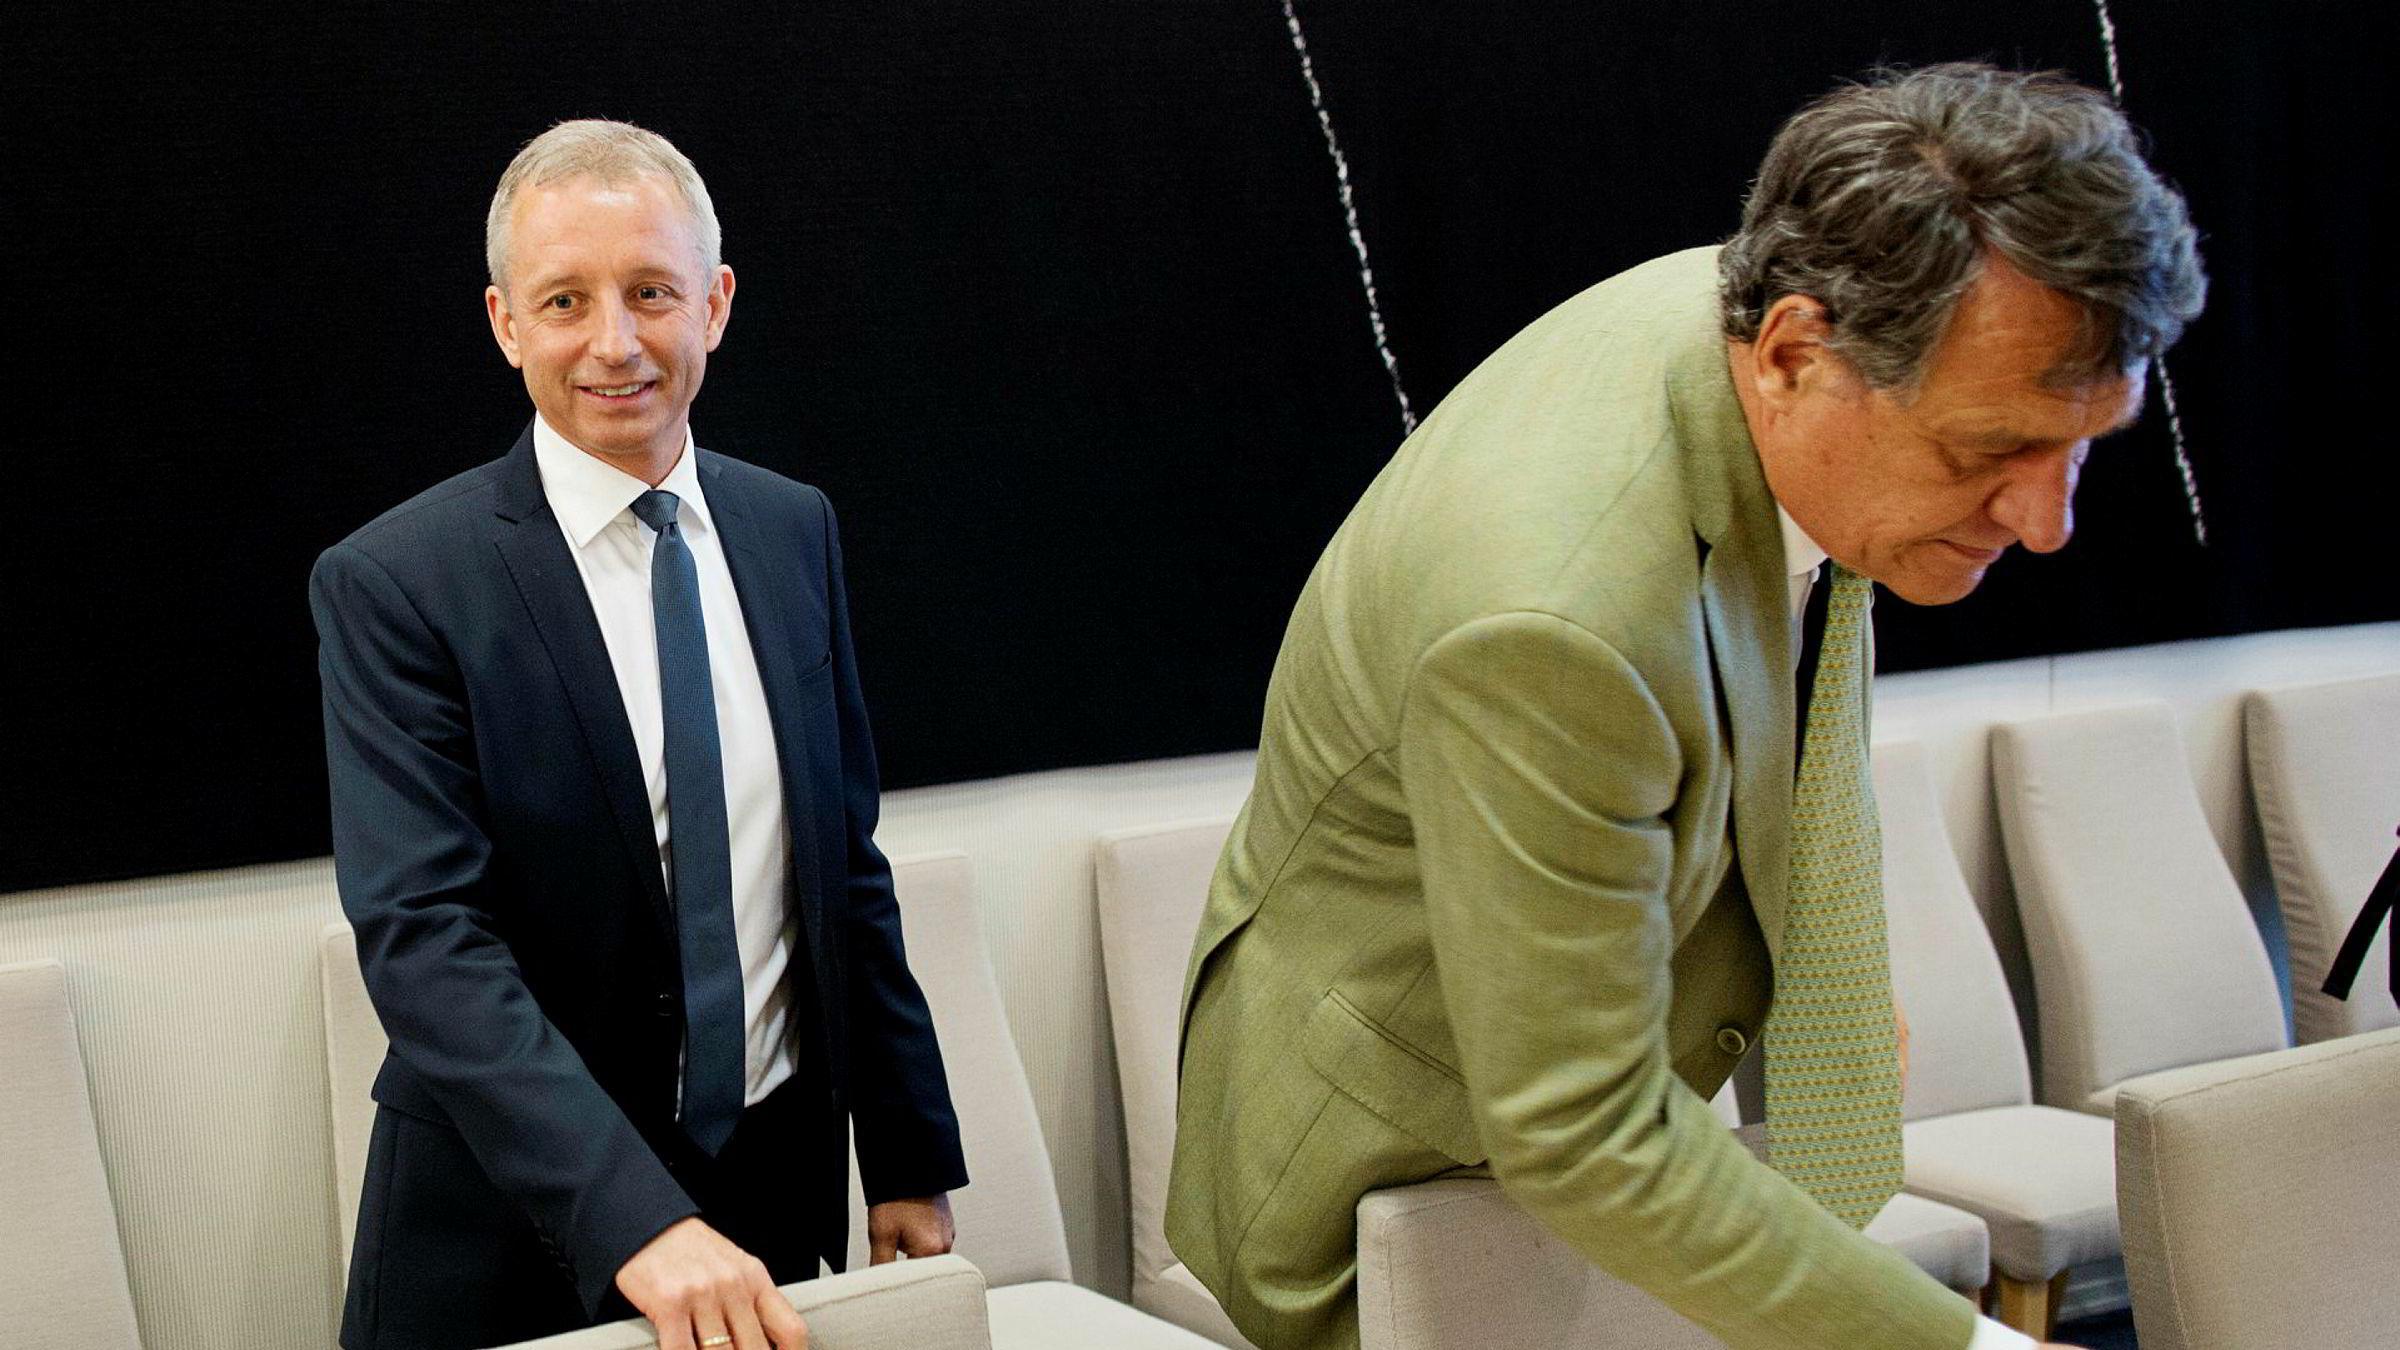 Økokrim henlegger siktelsen om grov korrupsjon mot Vimpelcoms tidligere administrerende direktør, Jo Lunder (til venstre). Her sammen med sin advokat Cato Schiøtz